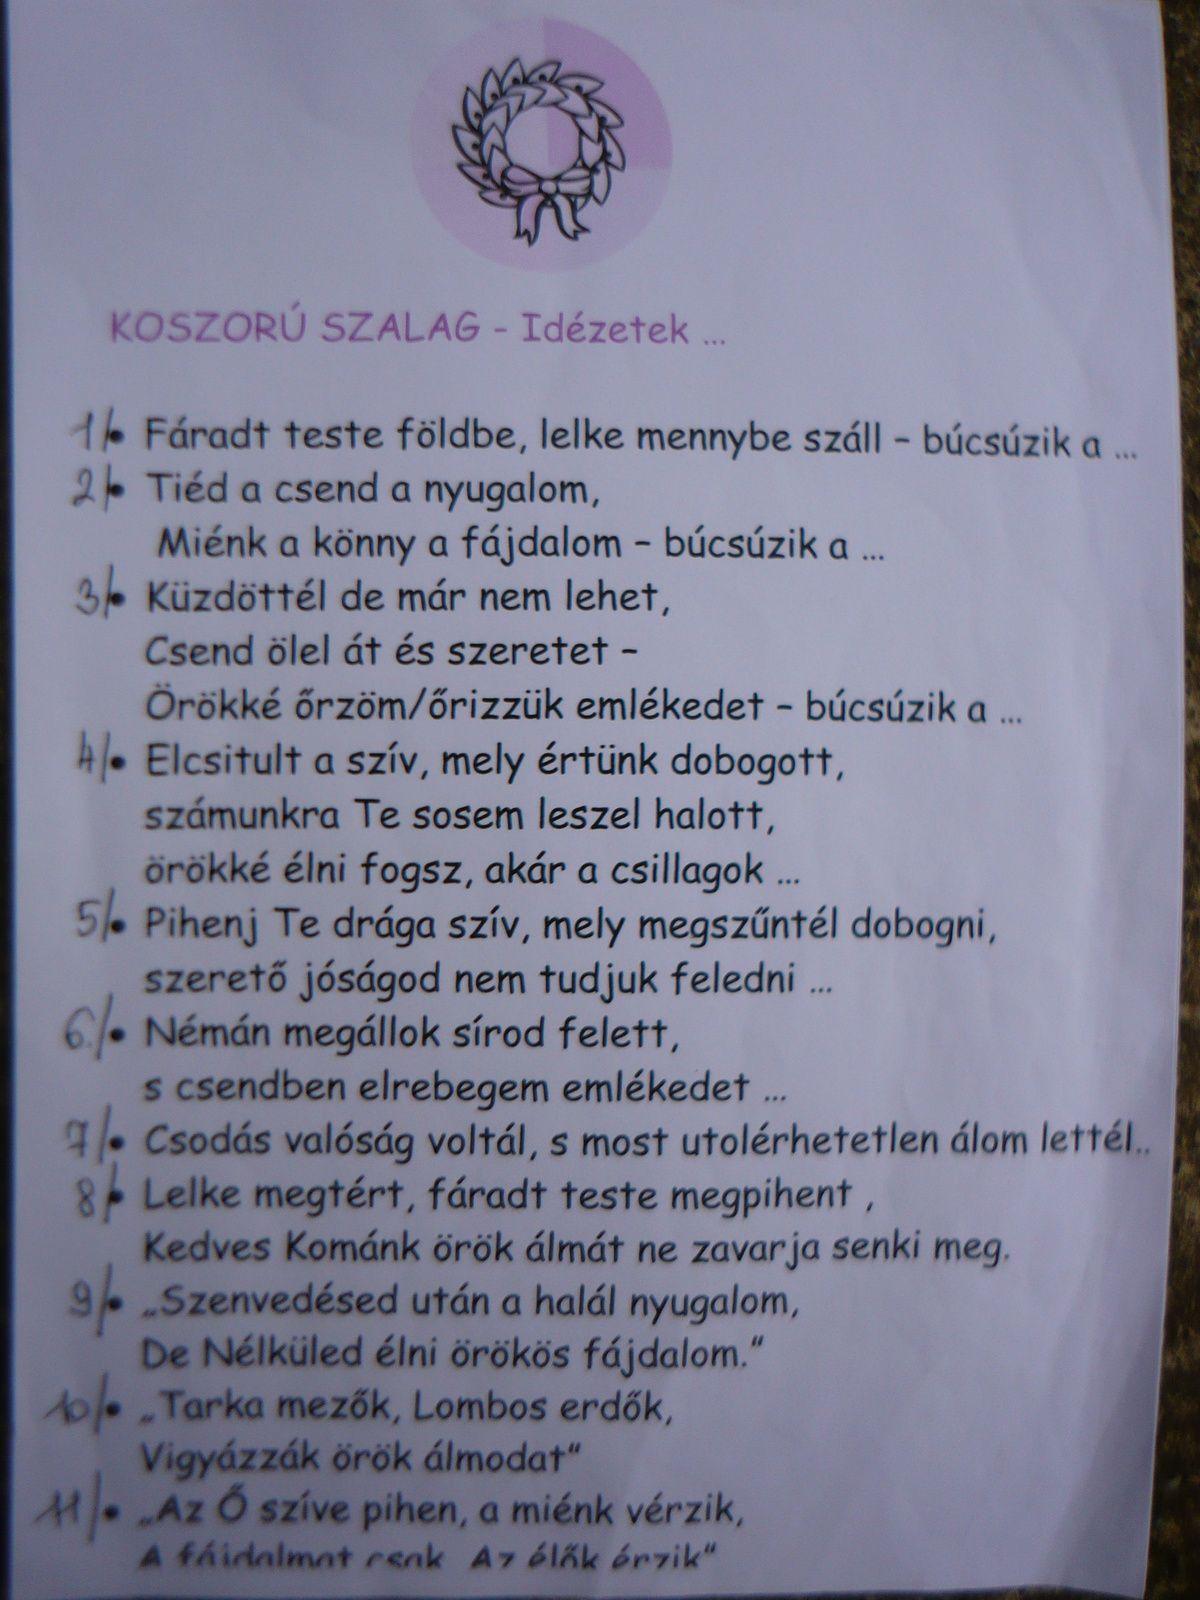 temetési szalagra idézetek Jusztina képe. | Personalized items, Person, Receipt